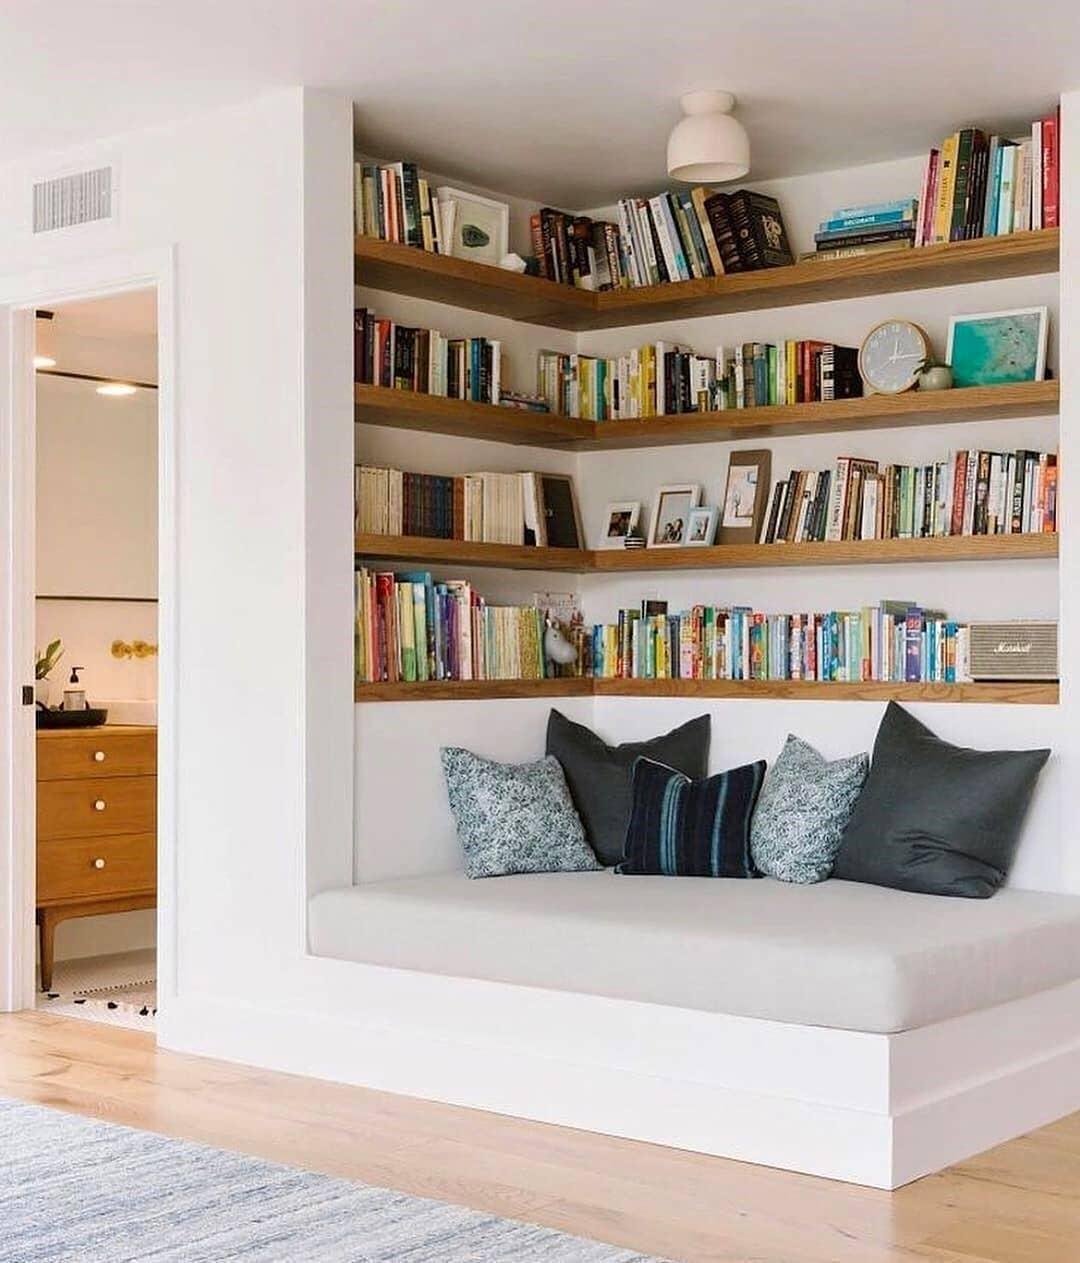 Desain Rak Buku Yang Unik dan Menarik Untuk Rumah ...